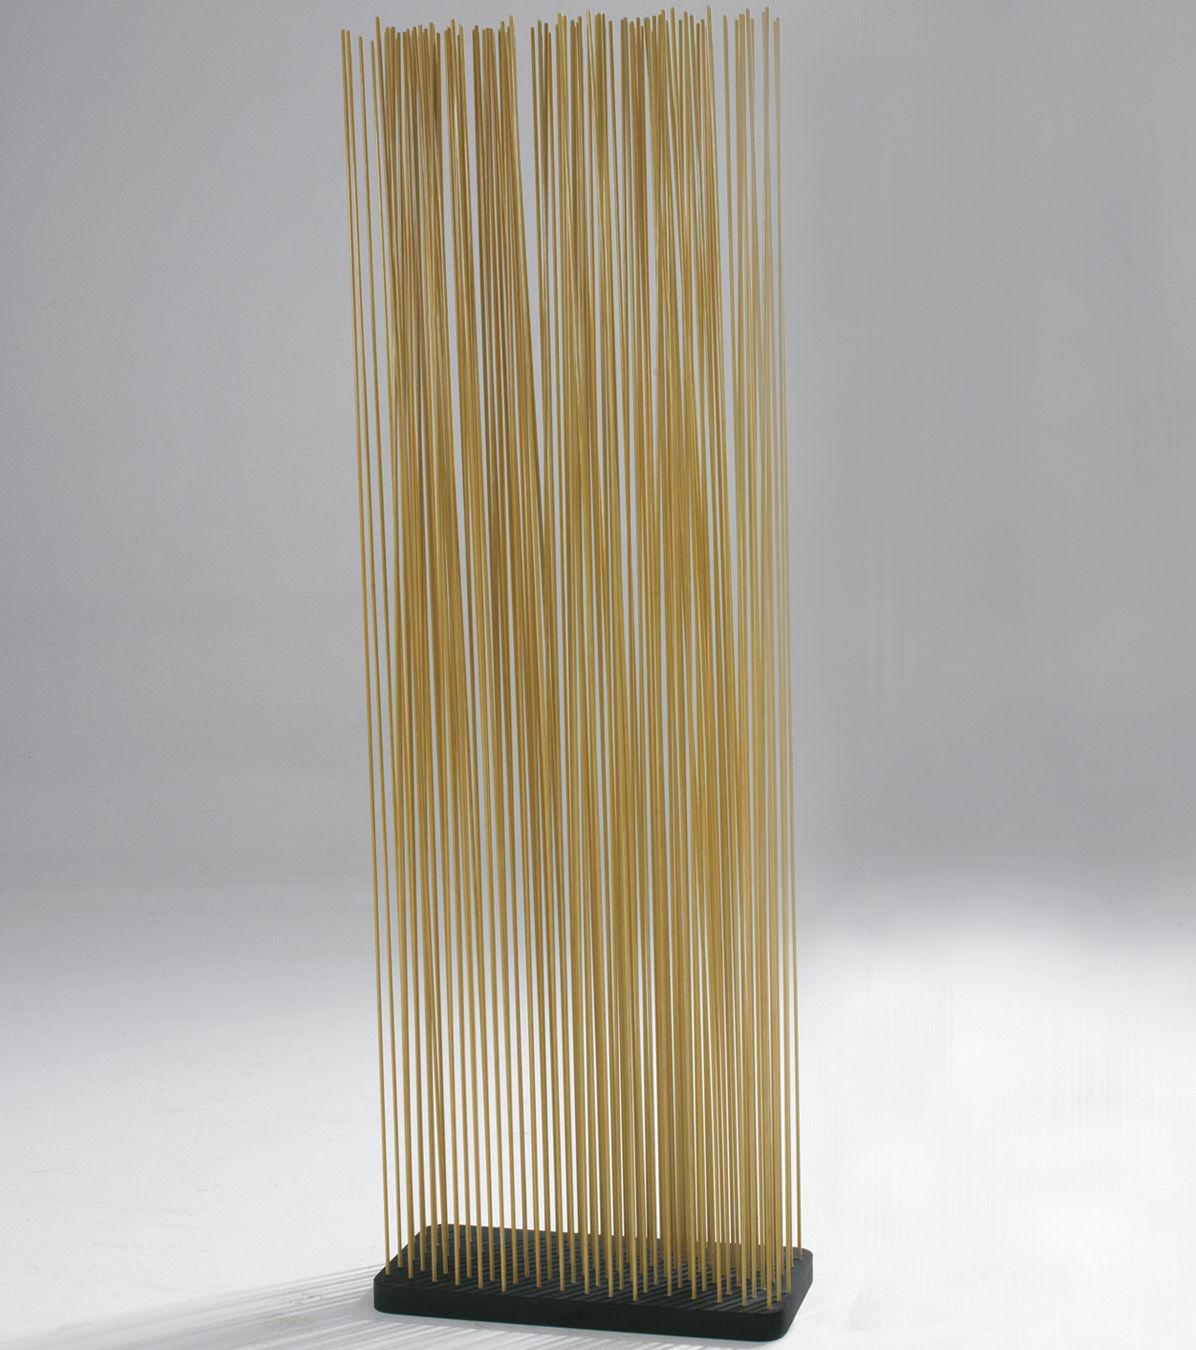 Möbel - Paravents, Raumteiler und Trennwände - Sticks Paravent L 60 x H 210 cm - für innen - Extremis - H 210 cm - natur - Fibre de verre renforcée, Recycelter Gummi